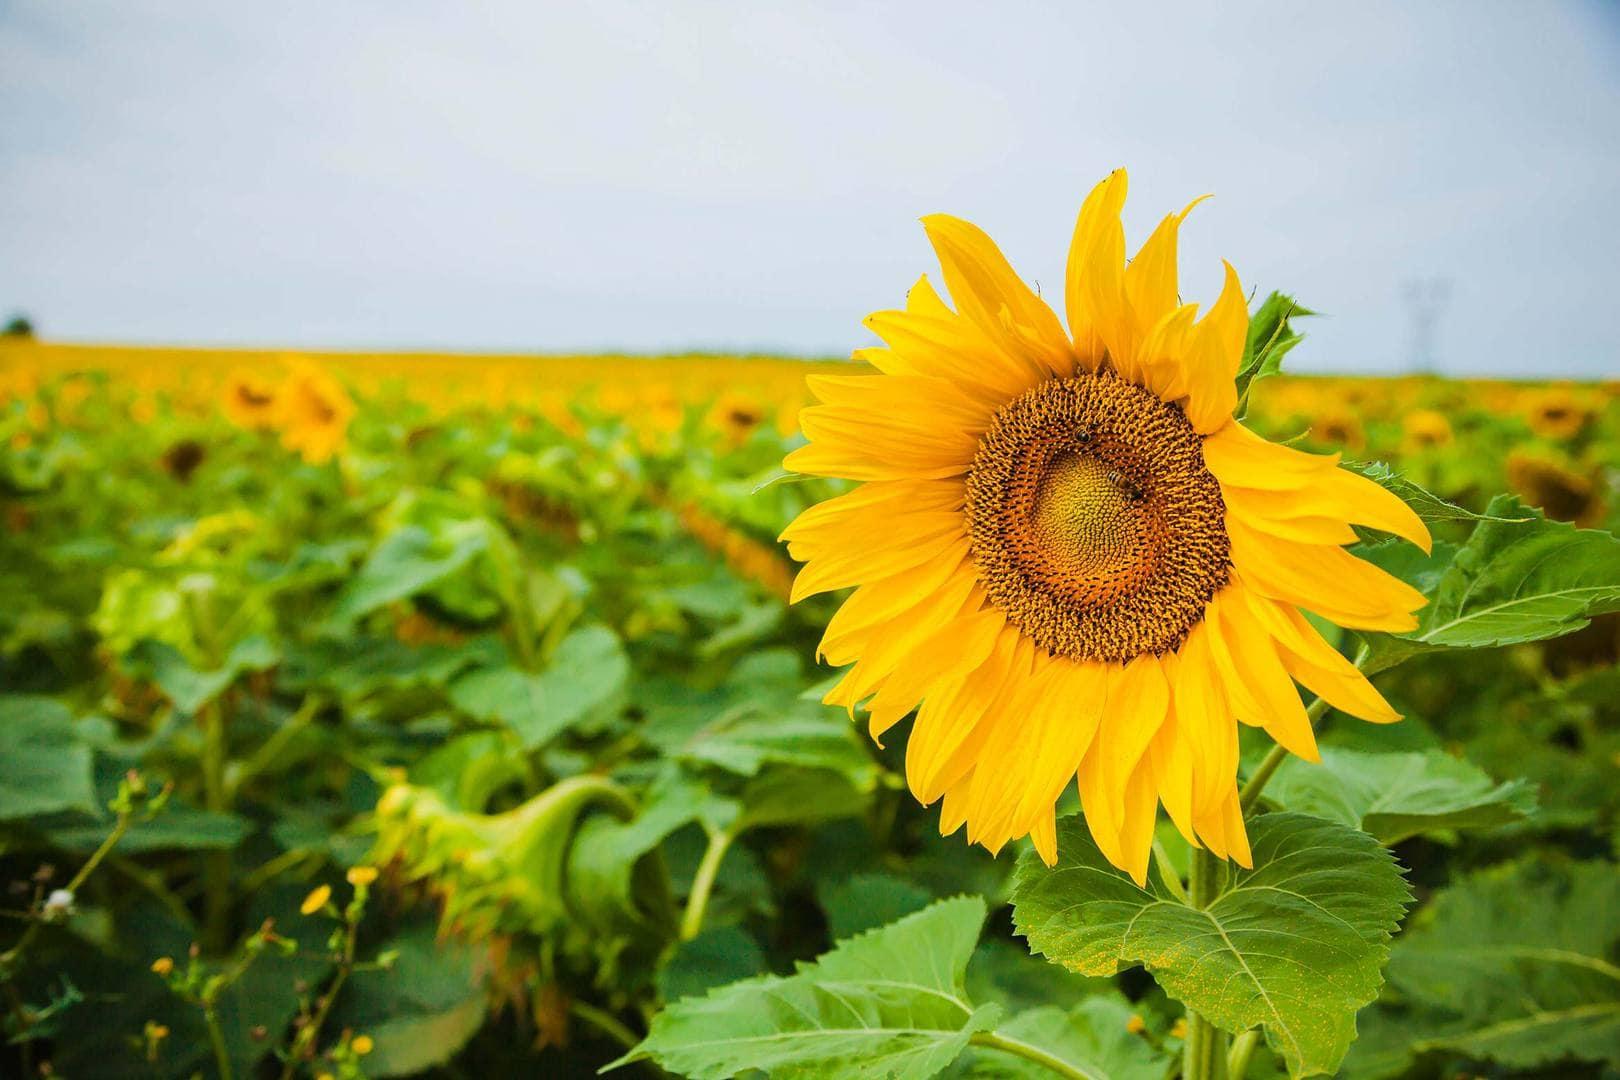 Free-Lightroom-Preset-Sunflower-After